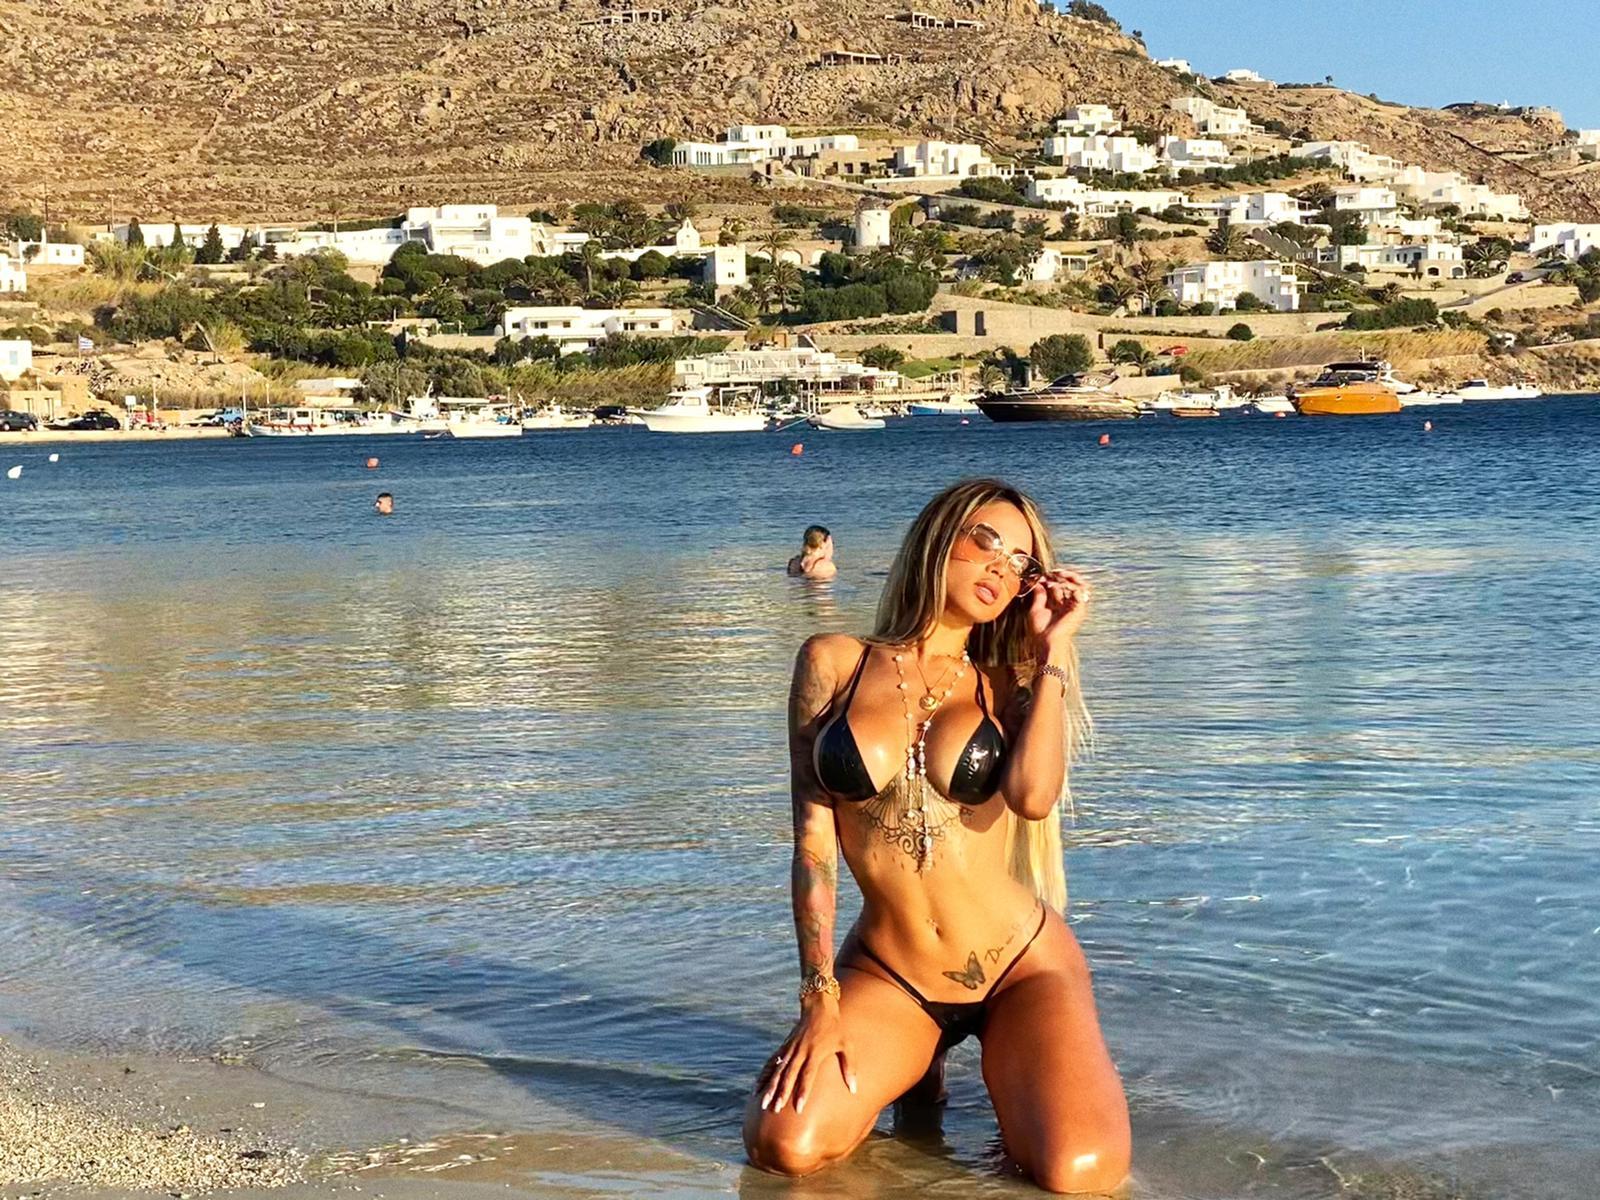 Modelo da Playboy leva moda de biquíni de fita isolante para Mykonos